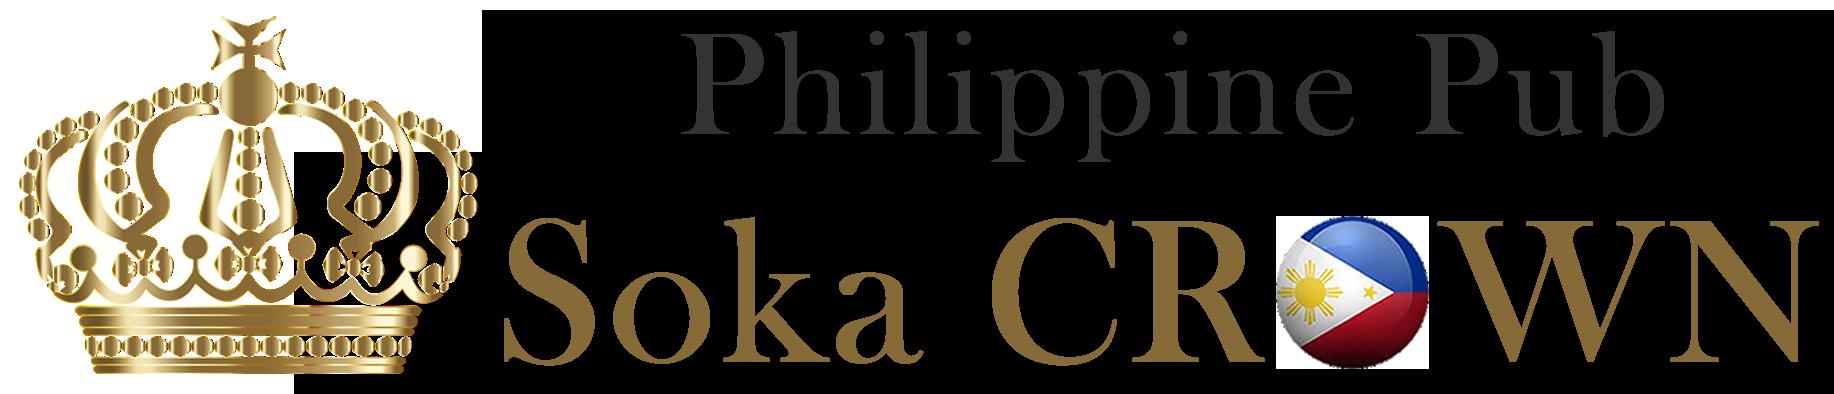 フィリピンパブ 草加クラウン | Philippine Pub Soka CROWN